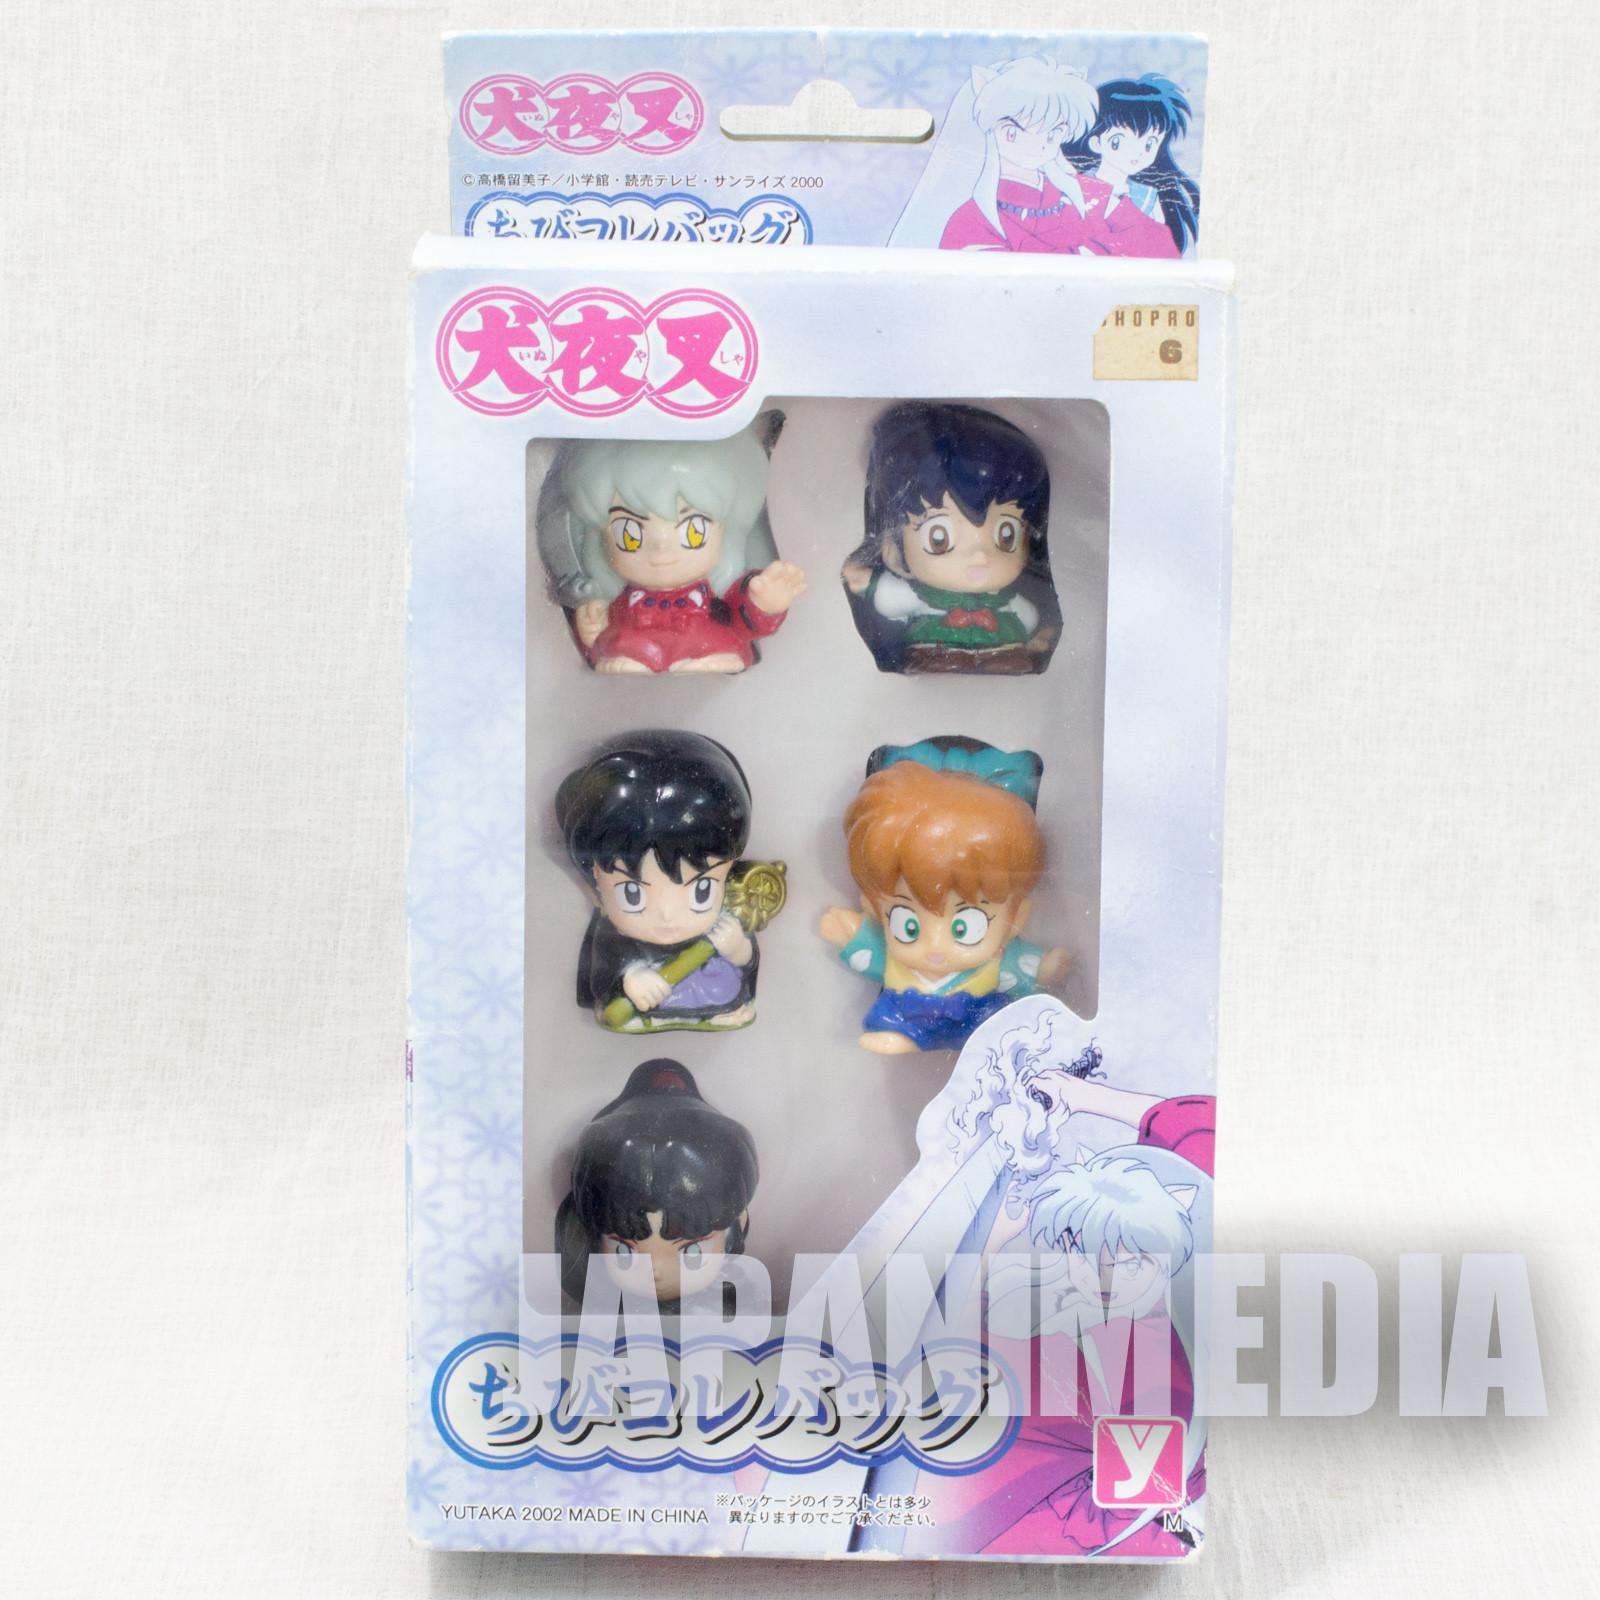 InuYasha Mini Figure Collection 5pc set [Inusyasha / Kagome / Sango / Miroku / Sippo] JAPAN ANIME MANGA